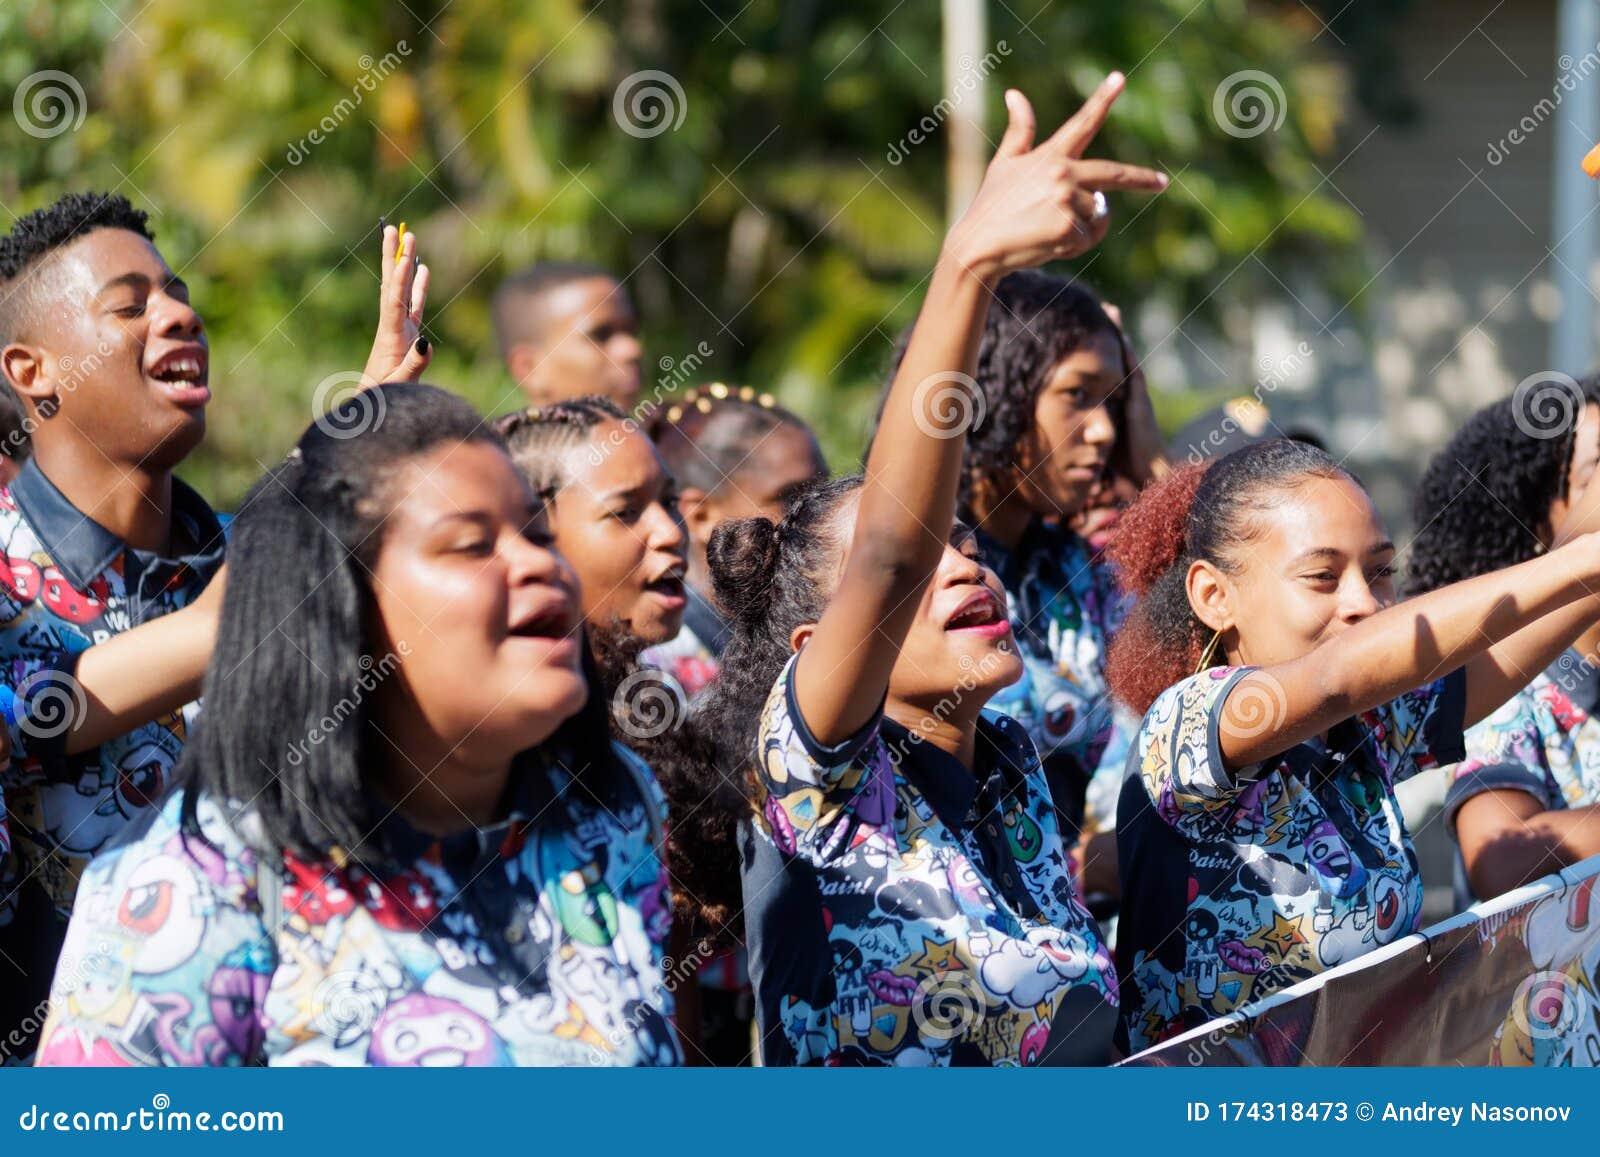 Dominican girls sosua republic I'm in